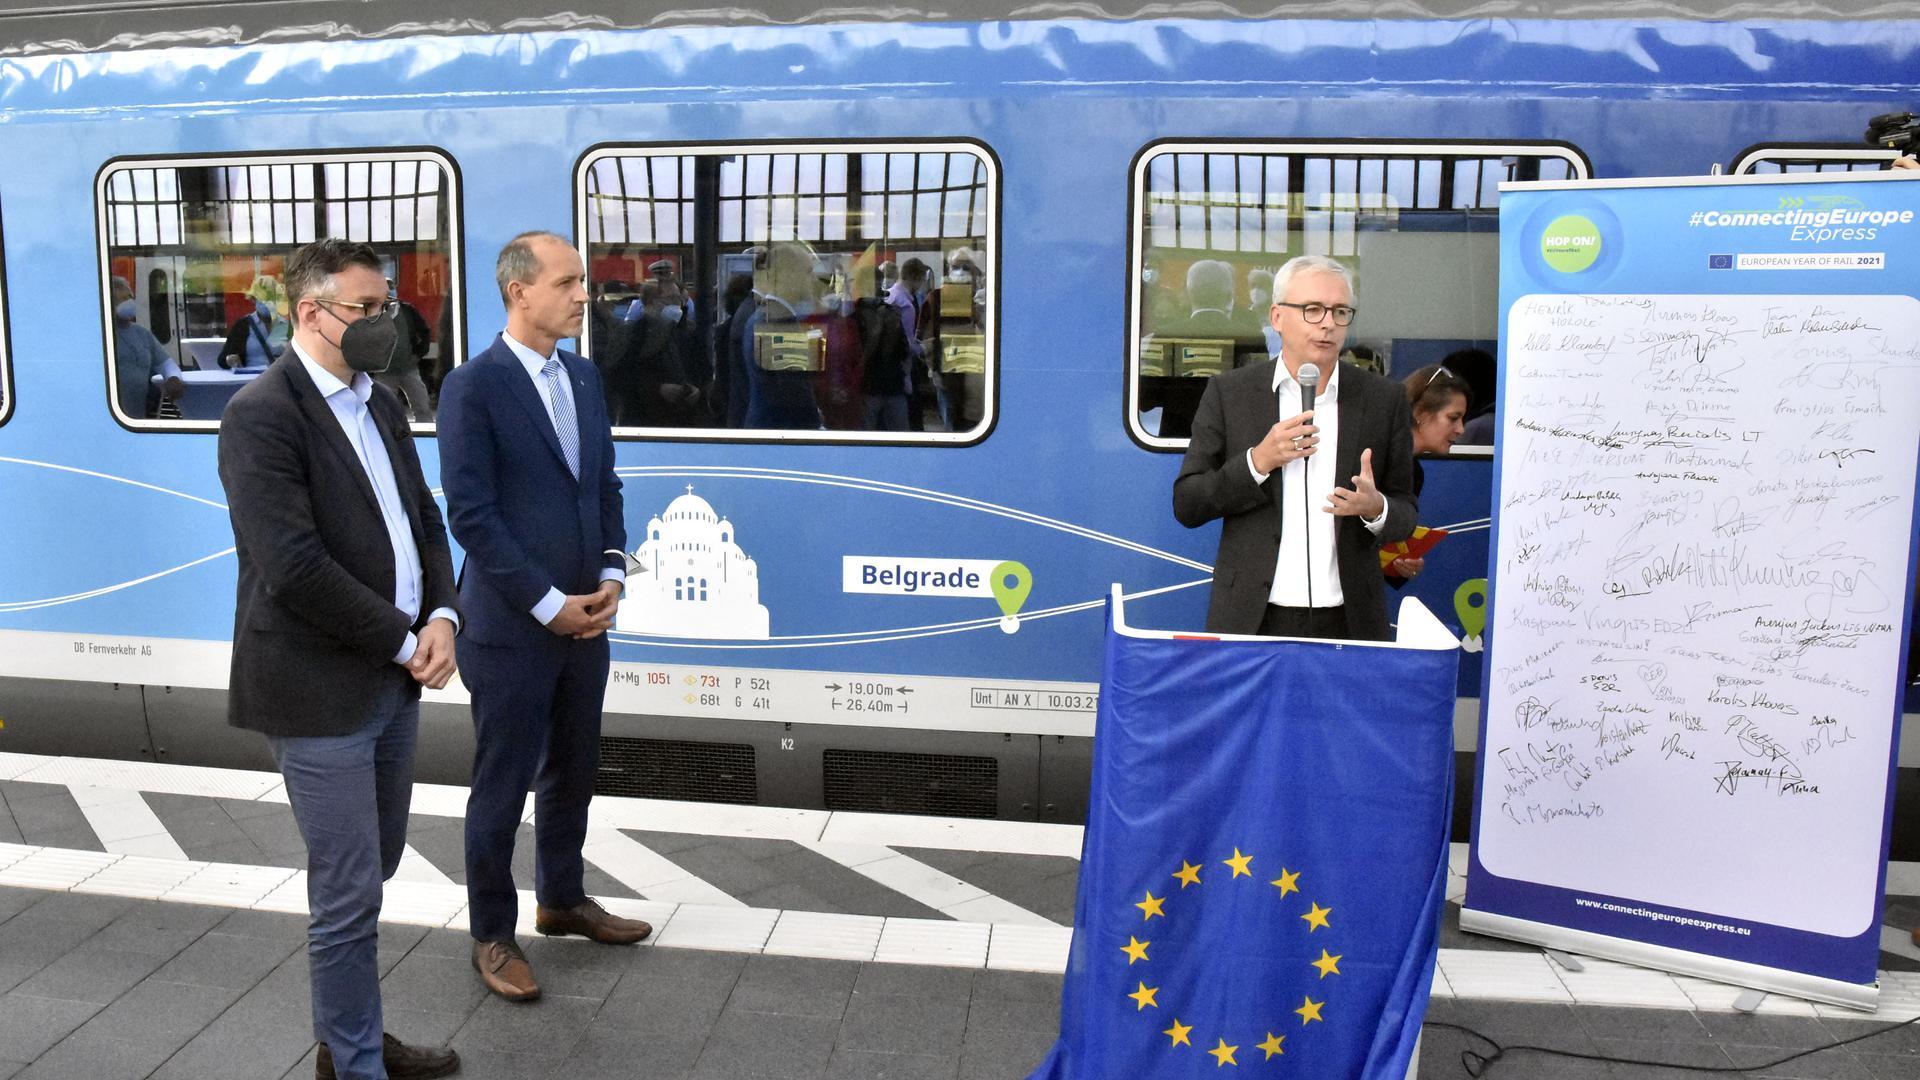 Thorsten Krenz von der Bahn, Jörg Wojahn von der EU-Kommission und Landrat Christoph Schnaudigel (von links) am Karlsruher Hauptbahnhof.